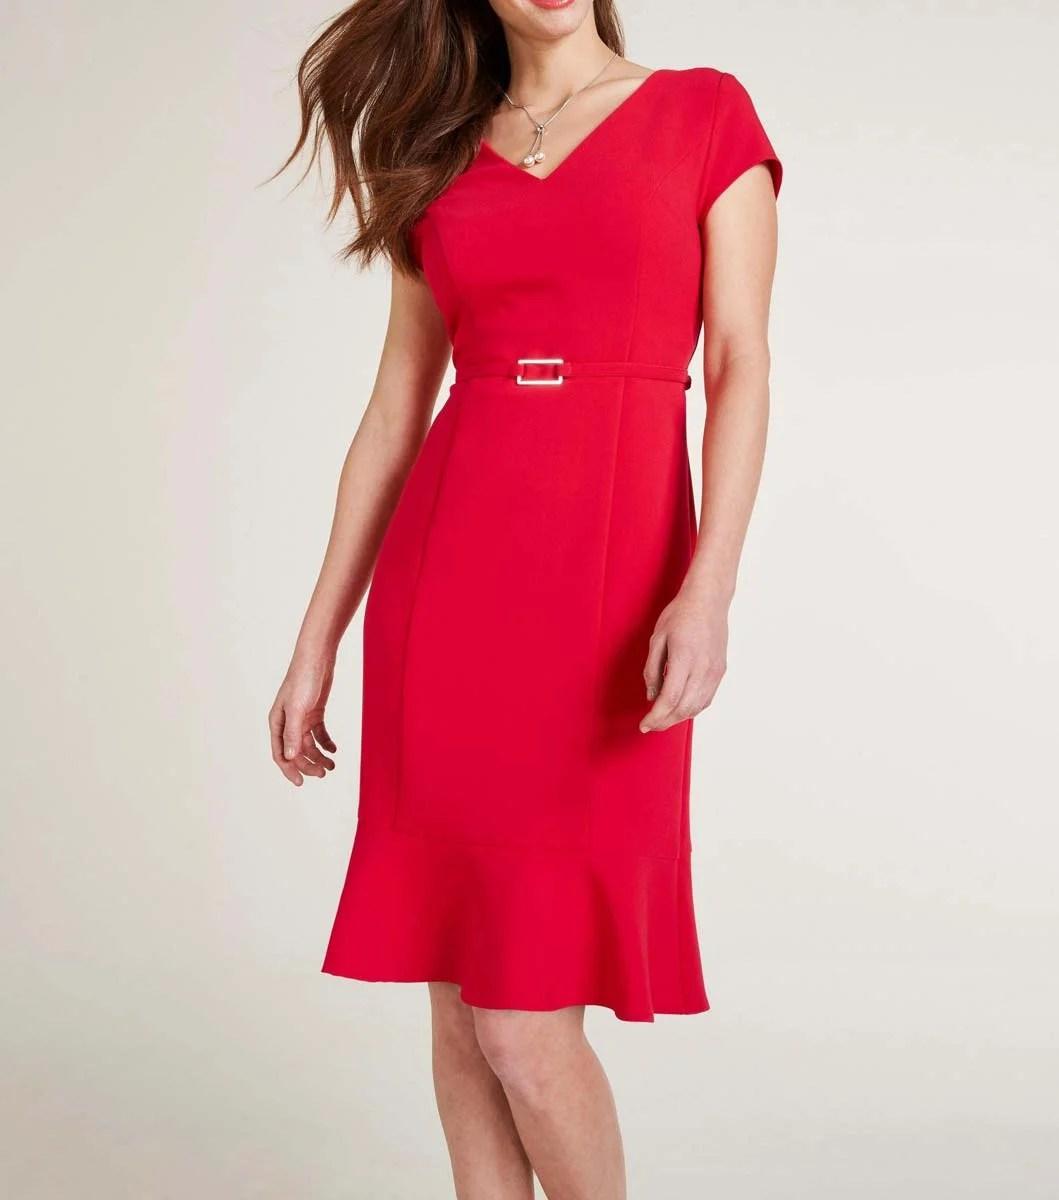 business kleider für damen Ashley Brooke Etuikleid rot mit Gürtel 186.723 Missforty